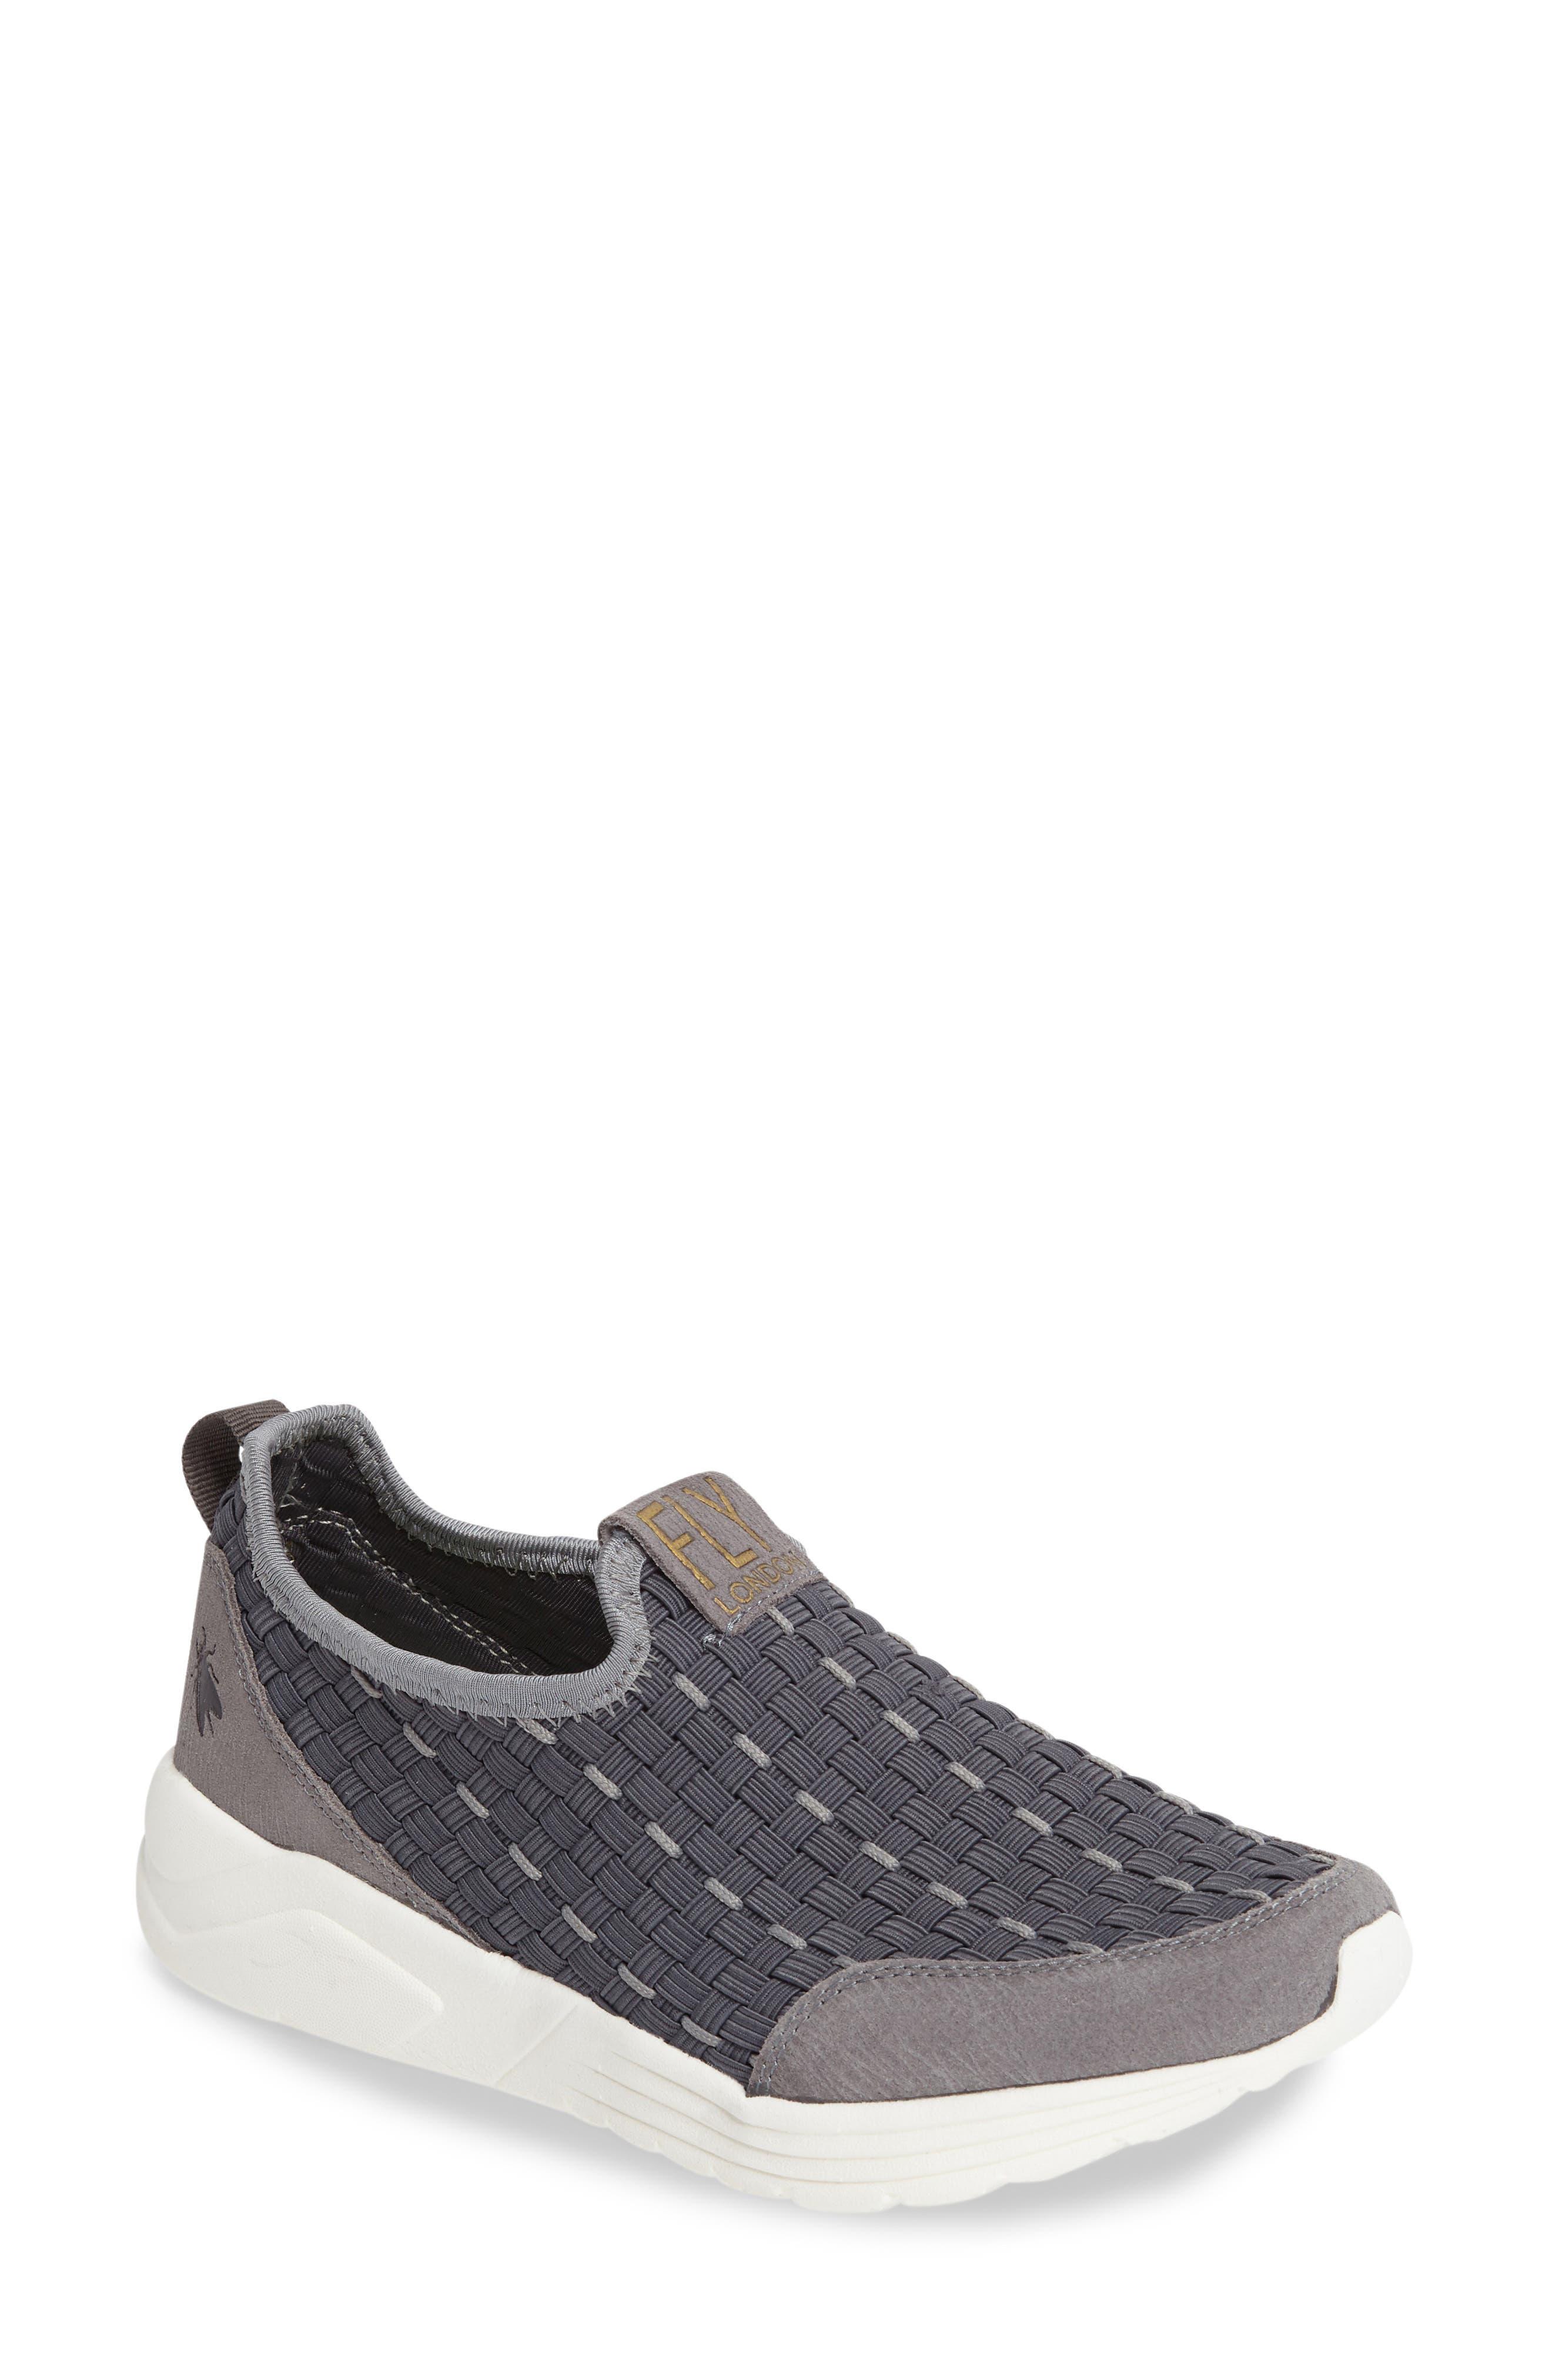 Fly London Sati Sneaker (Women)